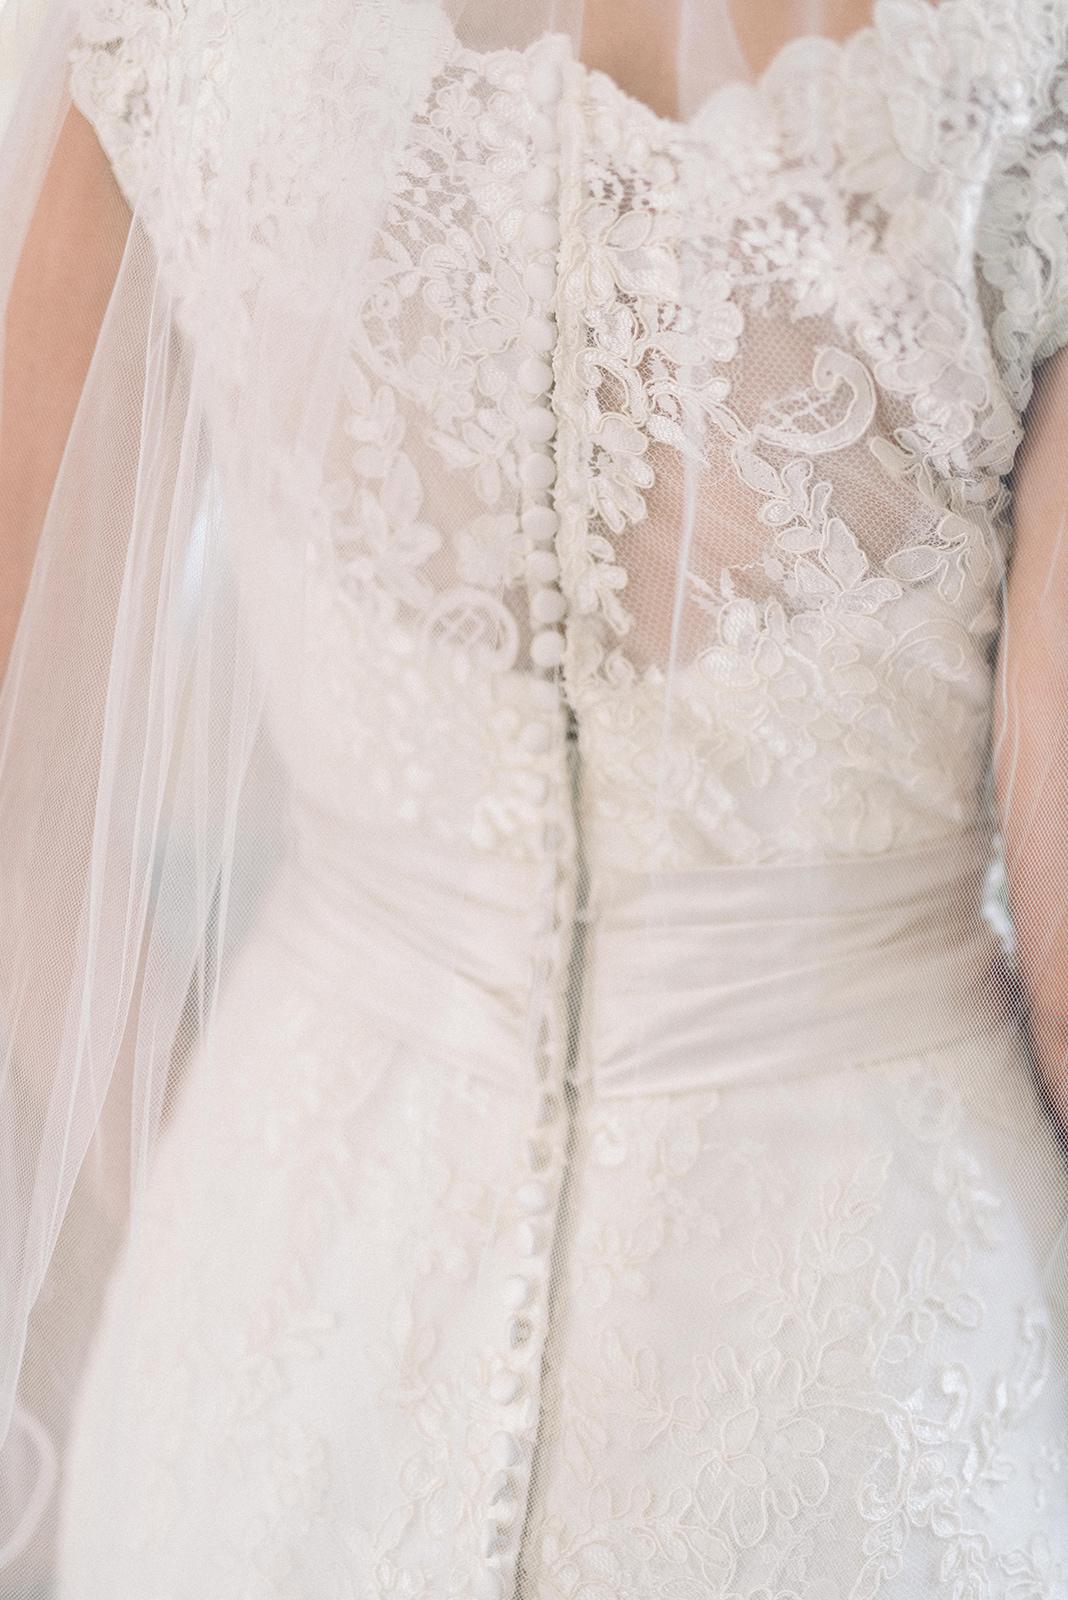 Cairnwood Estates wedding details49.jpg